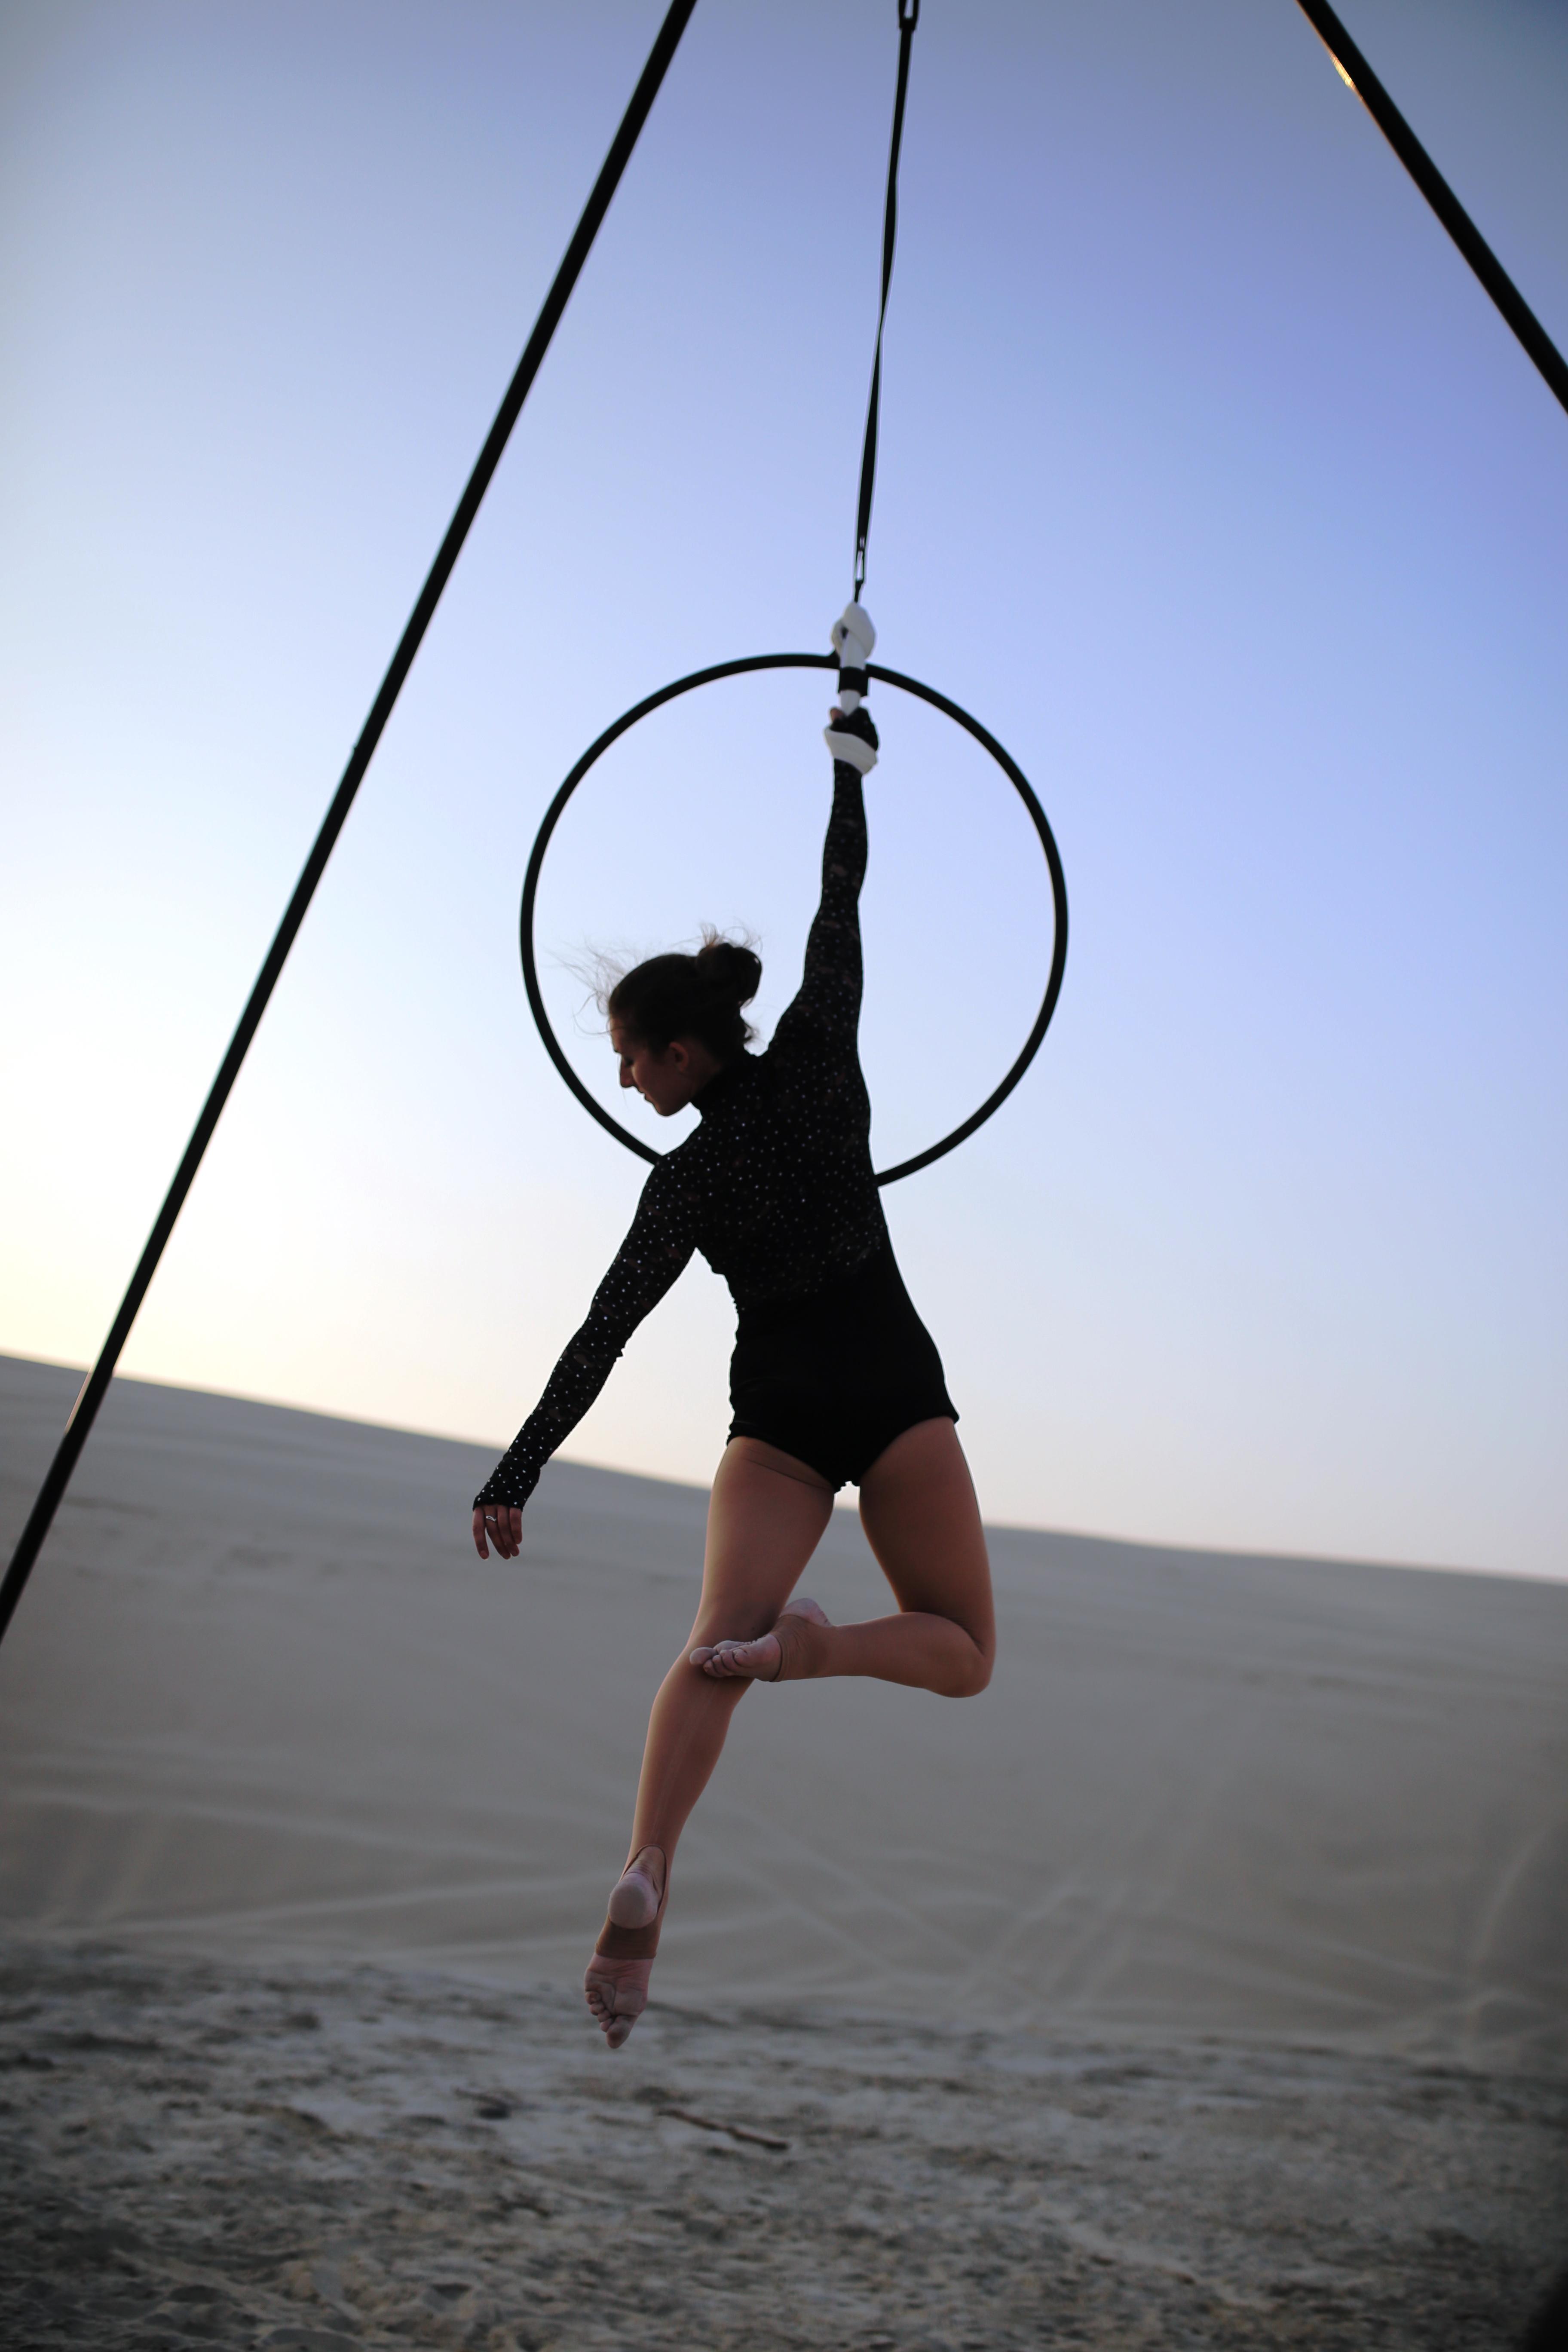 Wrist hang